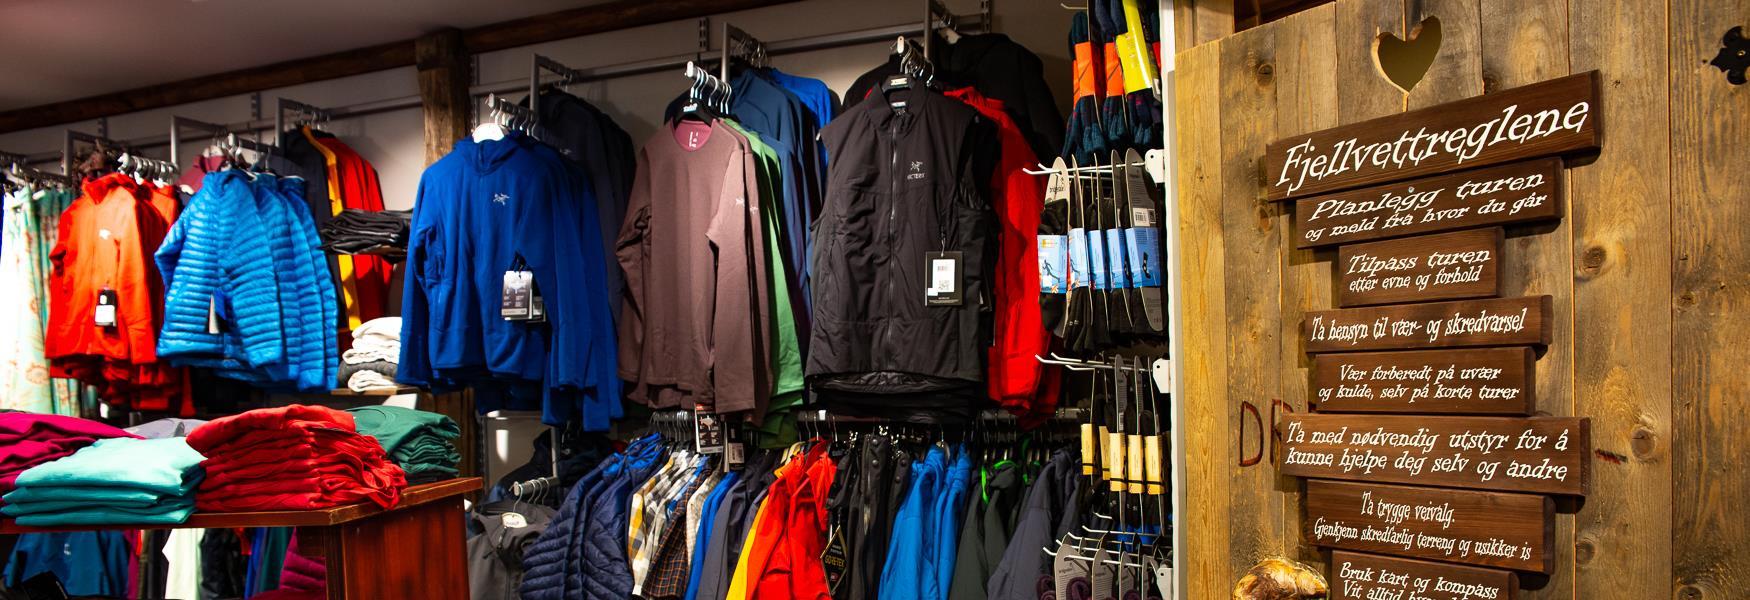 a7c45715 Sportsbutikk, sekker, Sport 1 Lom, butikk, fritidsutstyr, sport